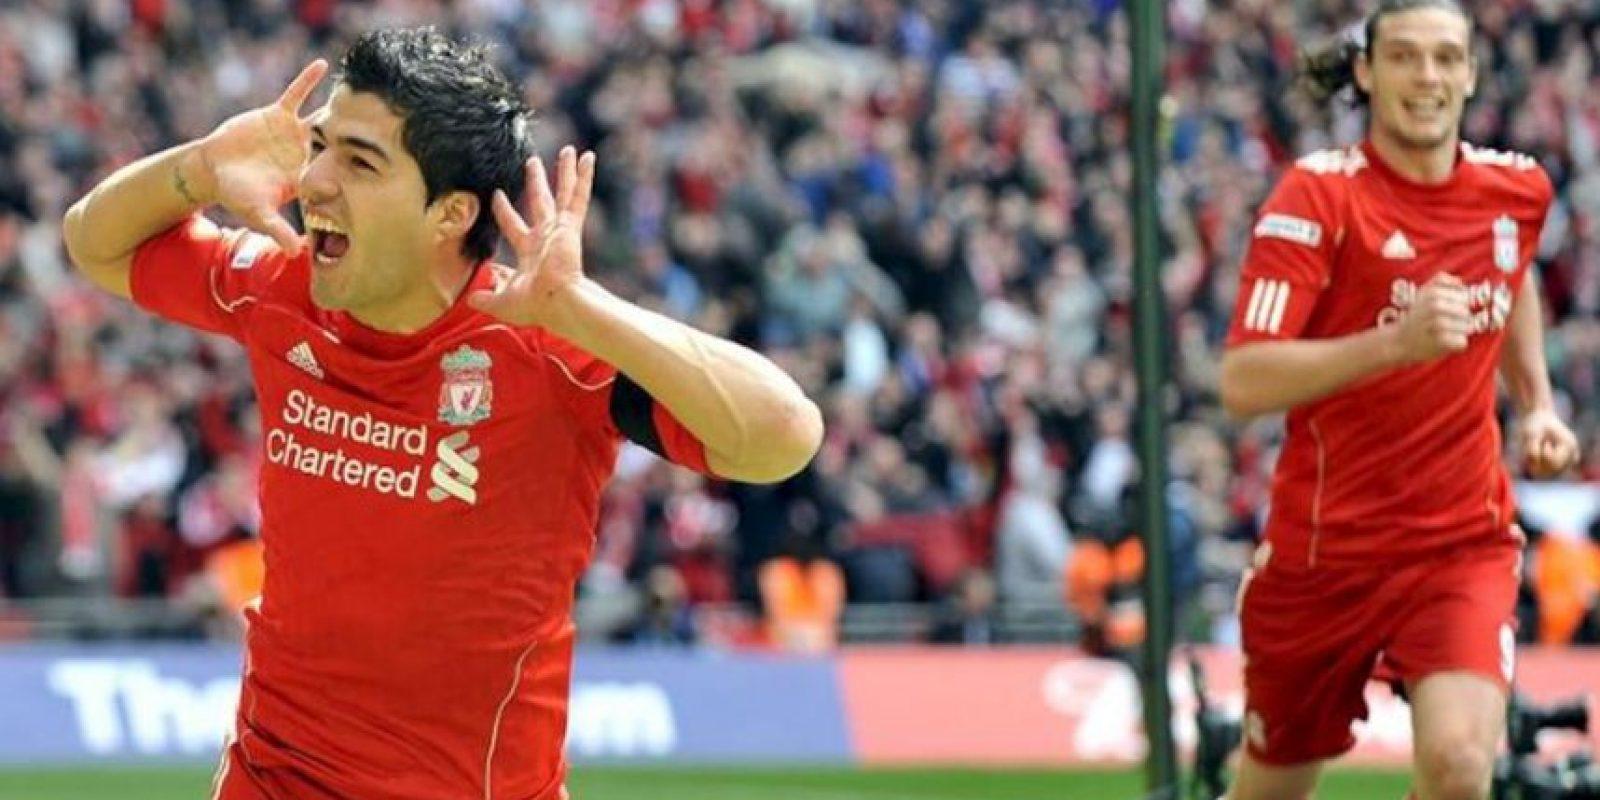 El jugador del Liverpool Luis Suárez (izq) celebra un gol ante el Everton durante su partido de las semifinales de la Copa de Inglaterra disputado en el estadio Wembley de Londres, Reino Unido. EFE